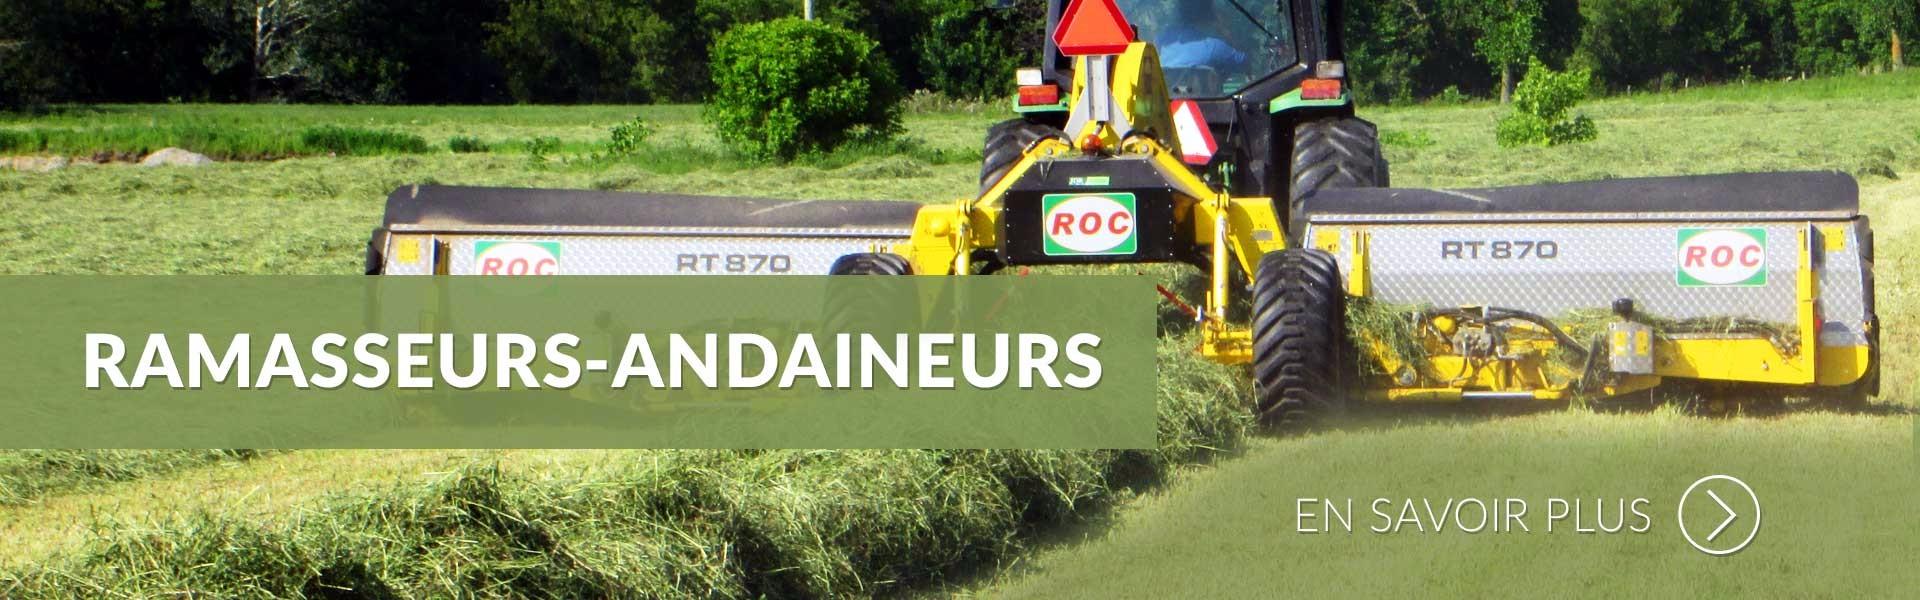 ROC - Ramaseurs-andaineurs